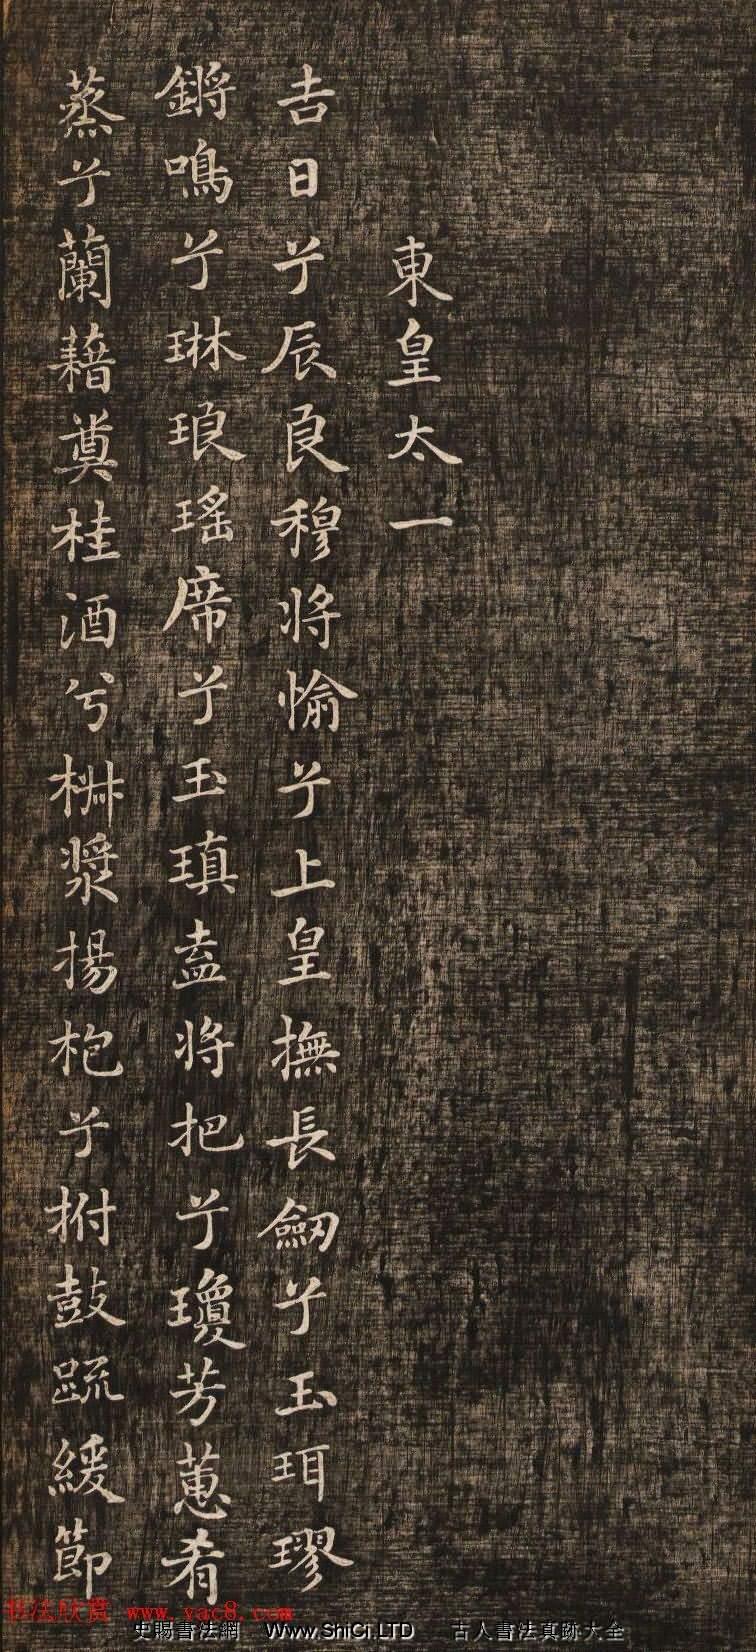 米芾小楷書法字帖《九歌》兩種版本(共32張圖片)